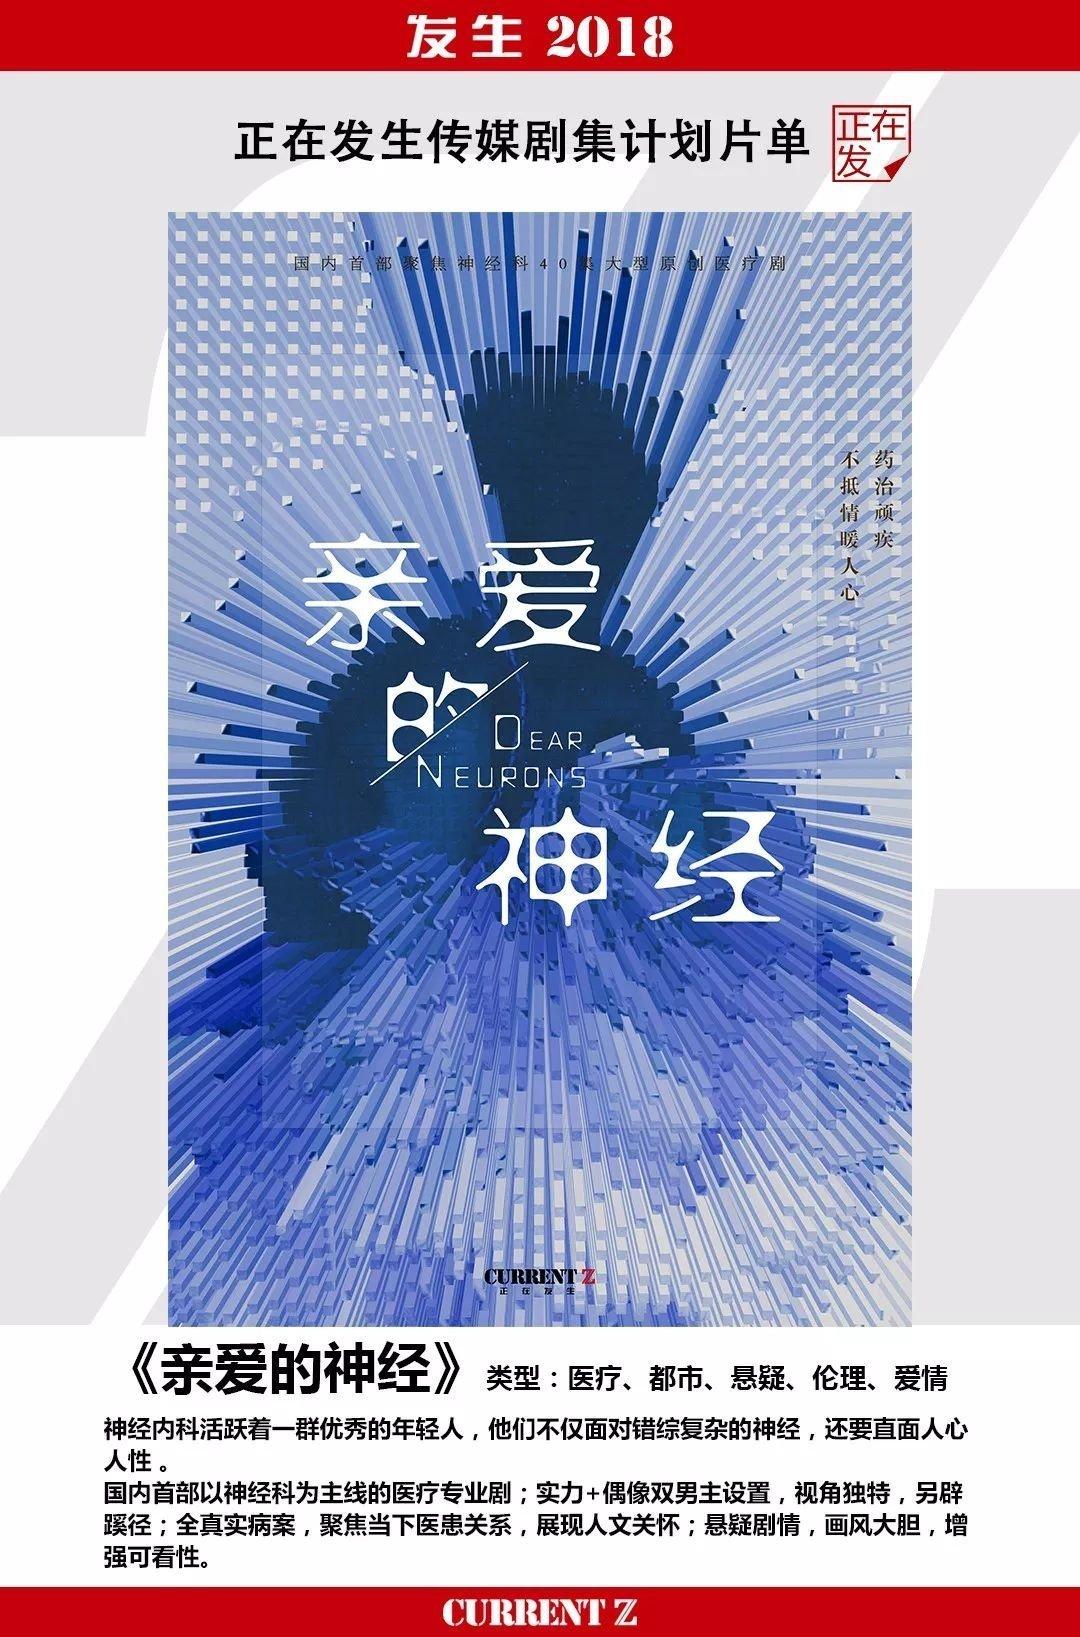 网曝邓伦出演医疗剧《亲爱的神经》,期待邓医生的剧中表现了